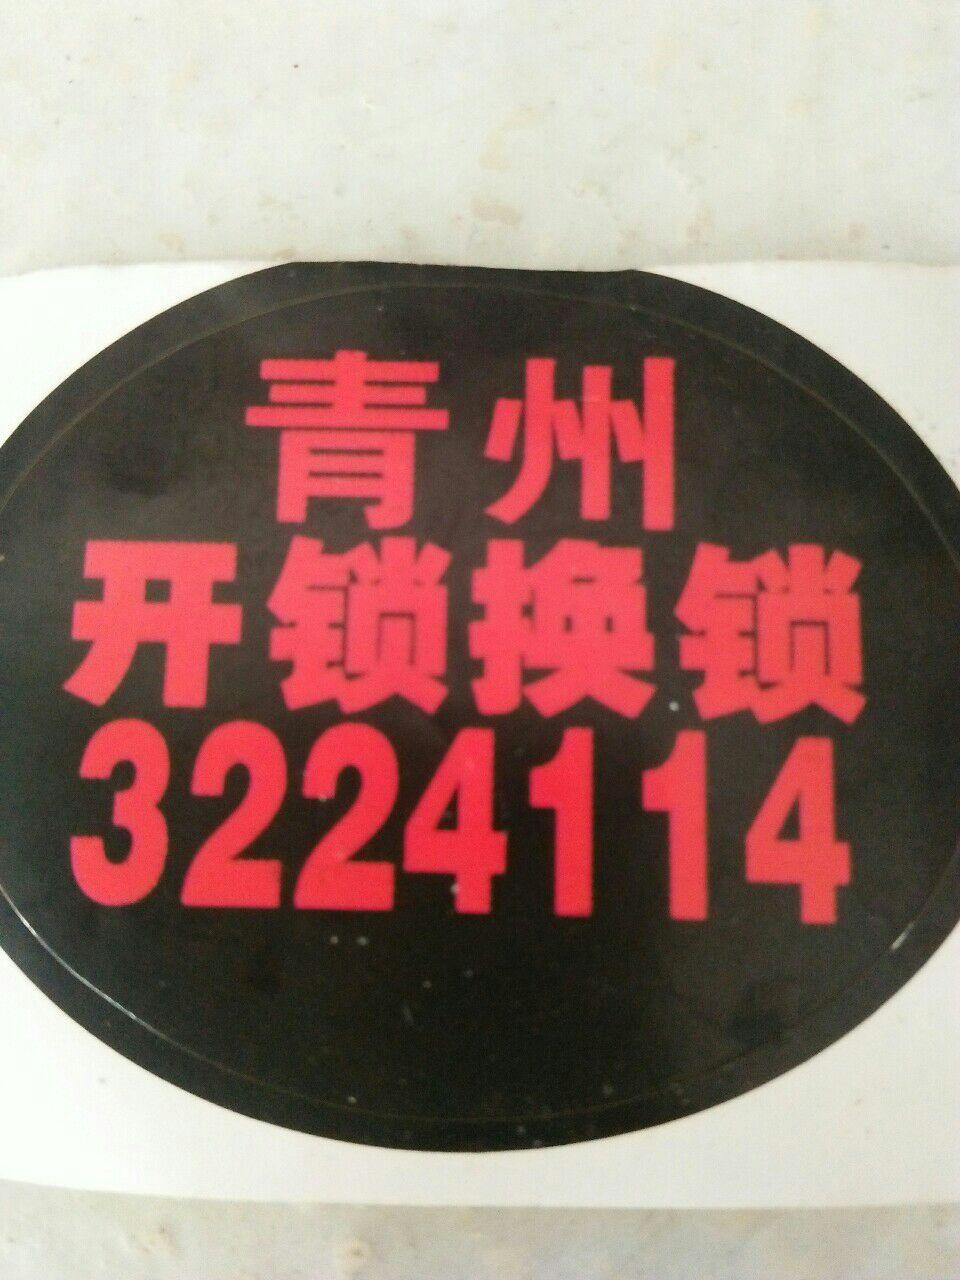 青州开锁3224114指纹密码锁活动优惠中